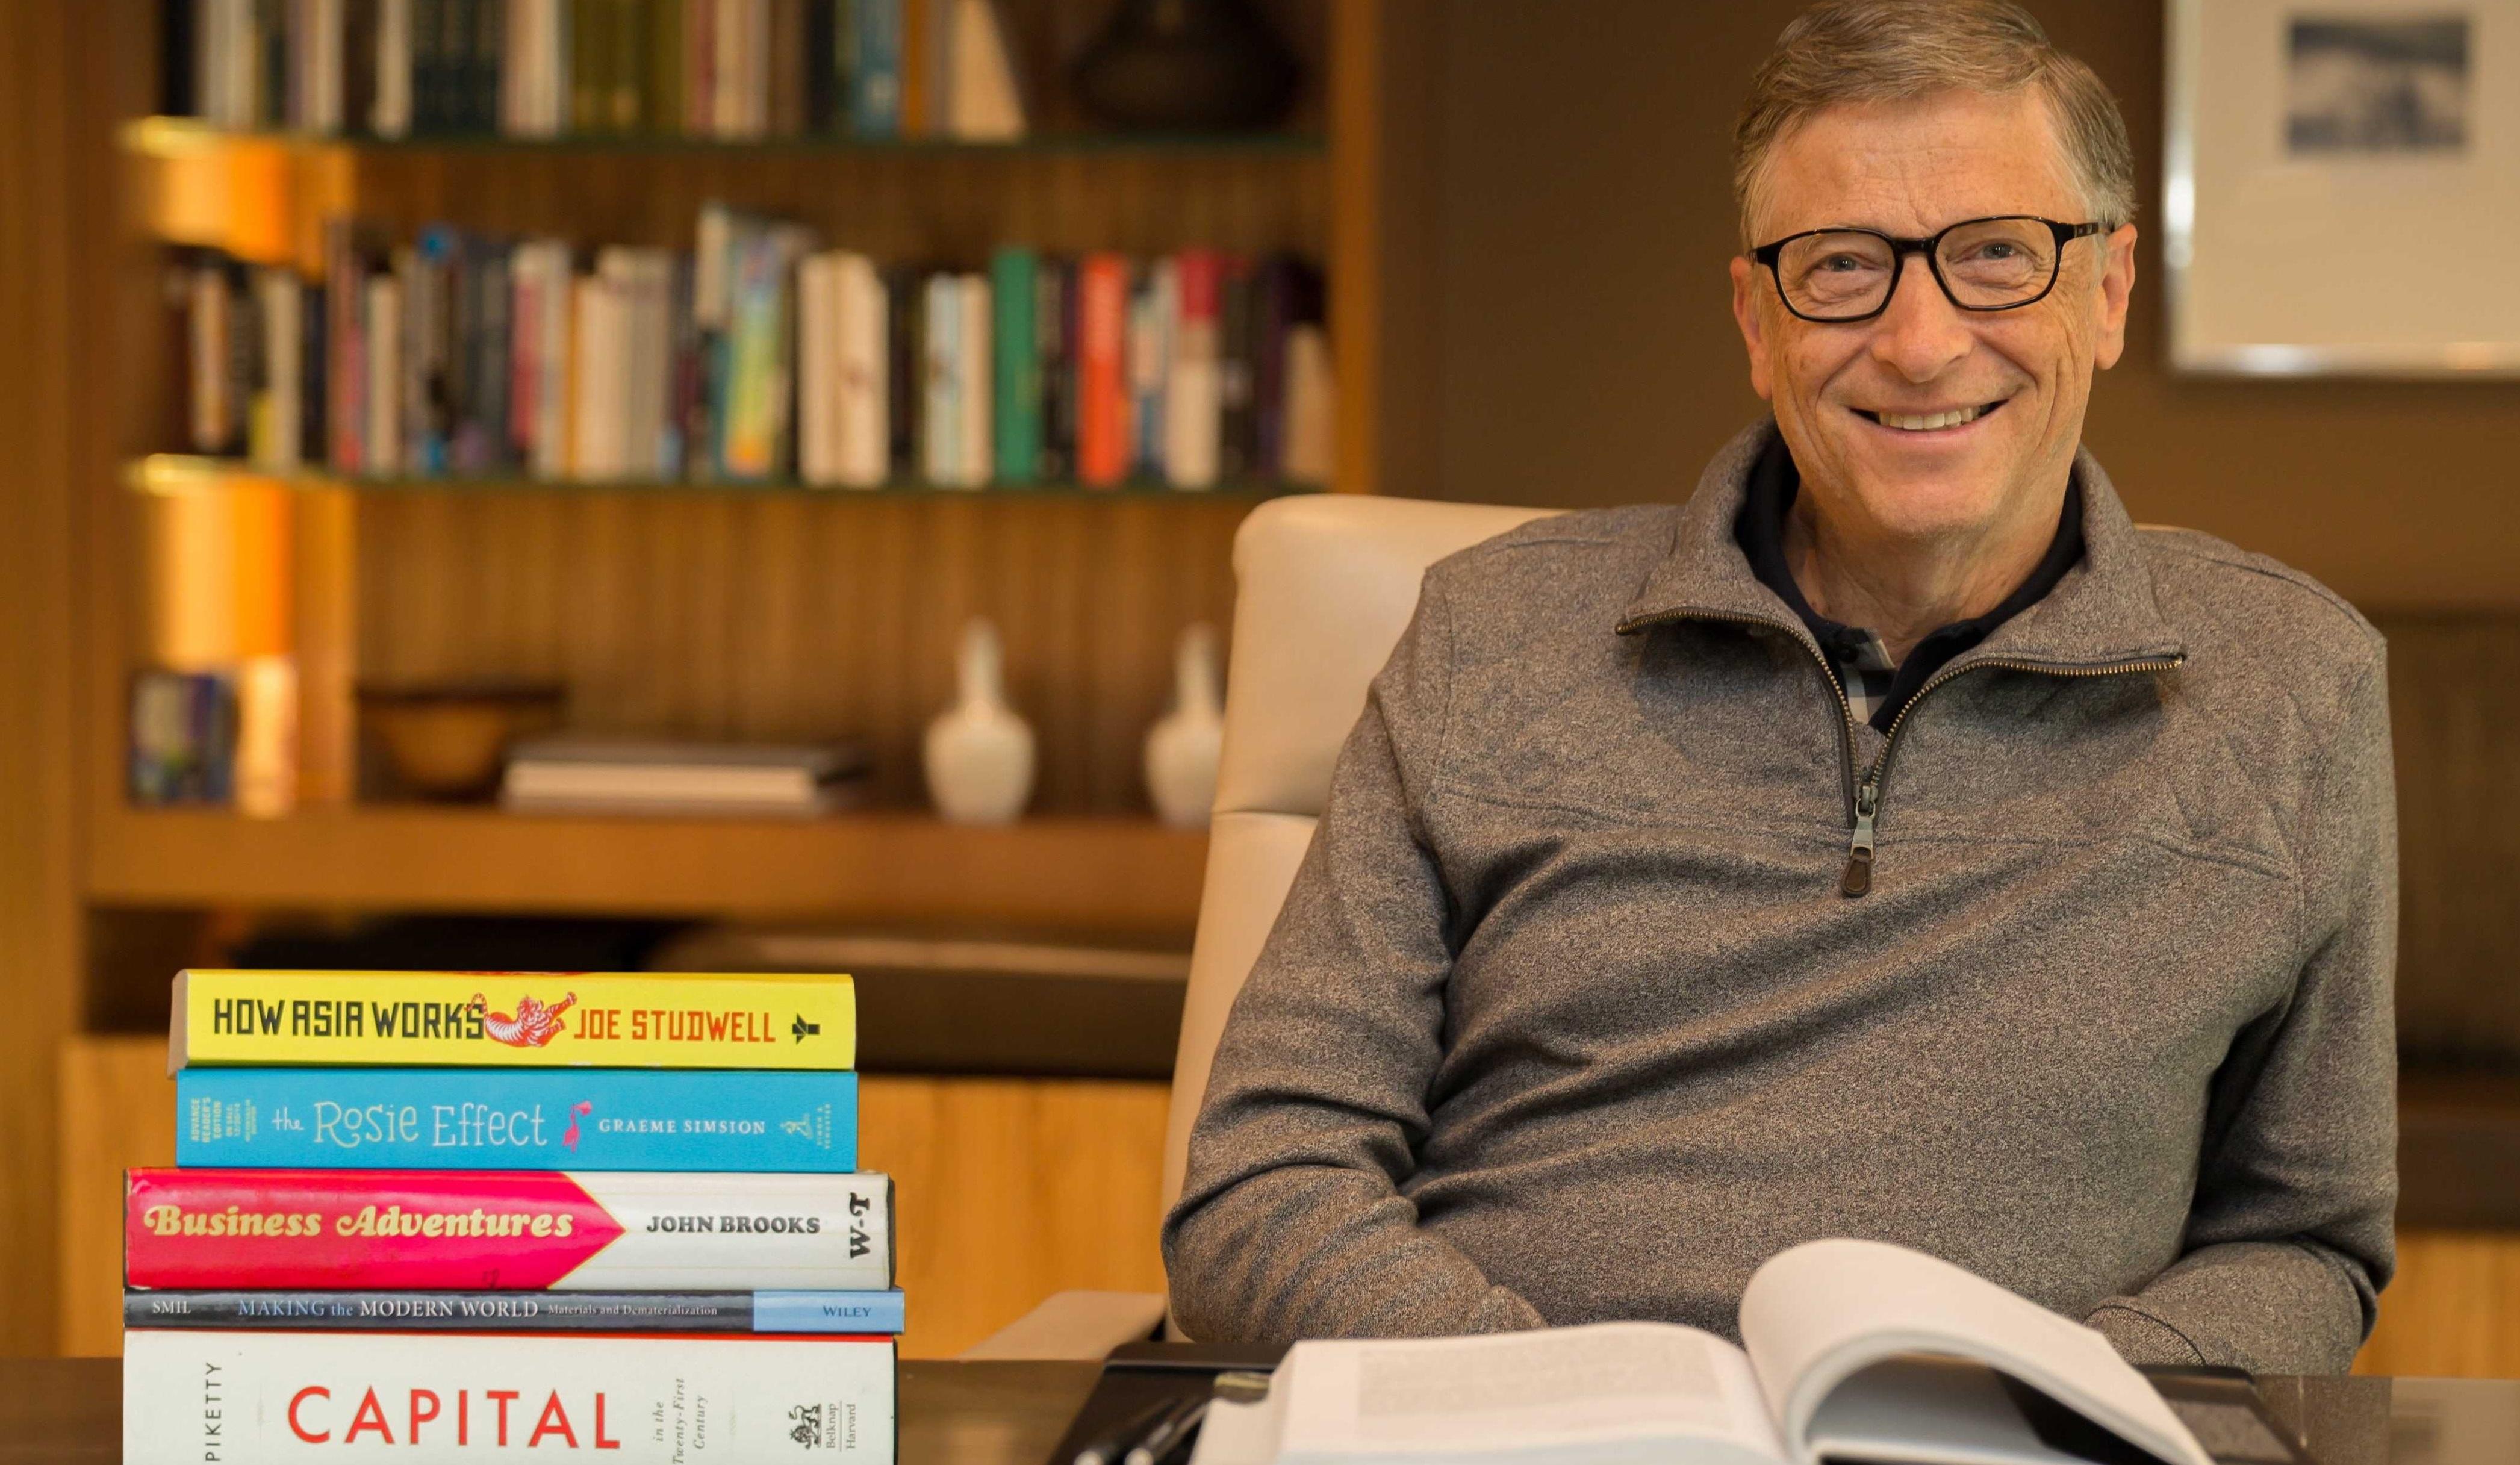 Tam Bir Kitap Kurdu Olan Bill Gates'in İş Hayatındaki Herkese Şiddetle Önerdiği 8 Kitap